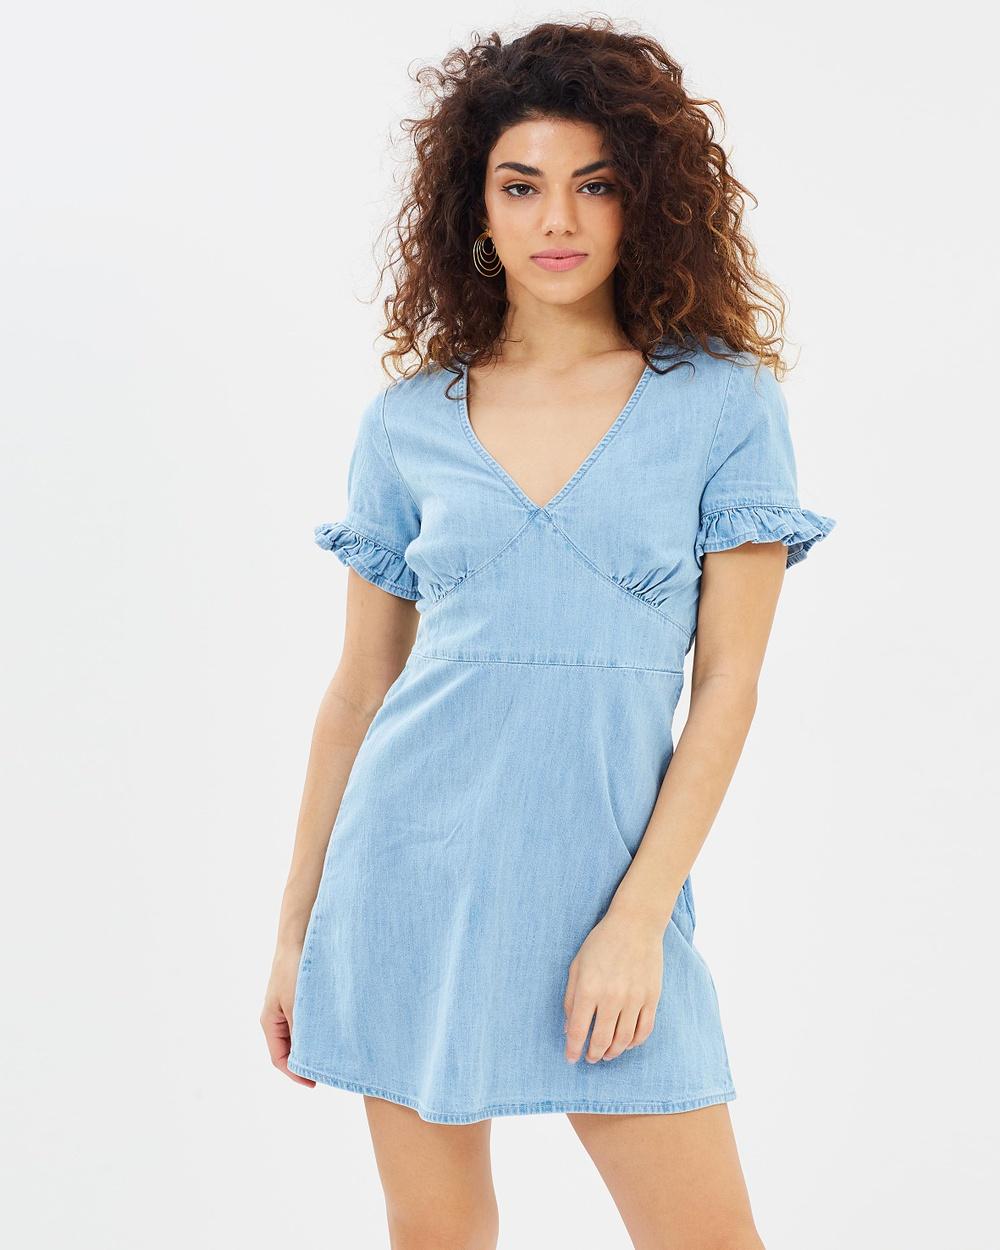 Miss Selfridge Petite V Neck Tie Back Denim Dress Dresses Blue V-Neck Tie Back Denim Dress